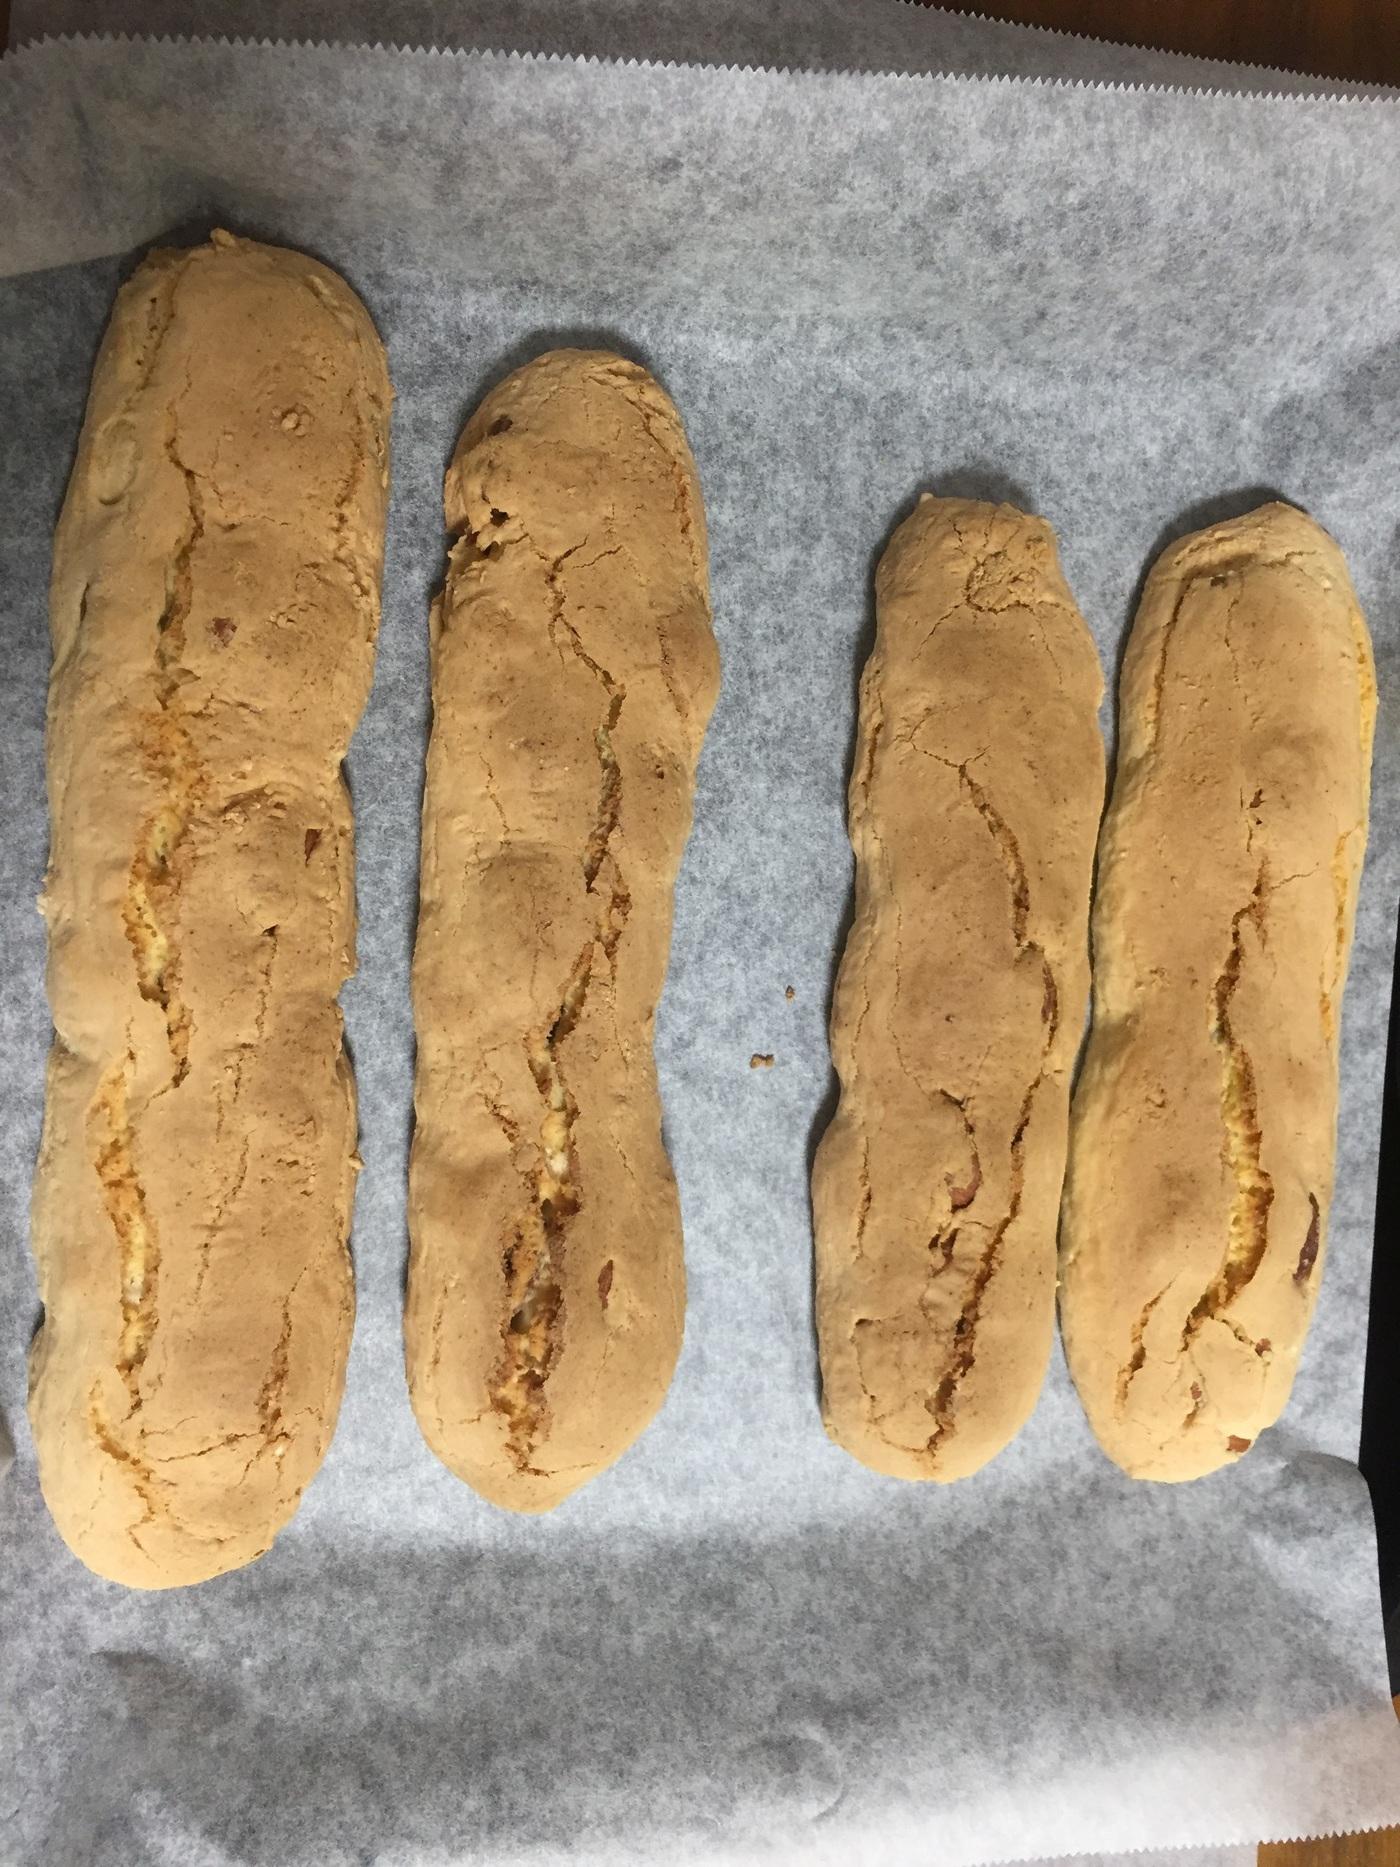 イタリアの伝統菓子ビスコッティとは?レシピや食べ方を紹介!の12枚目の画像